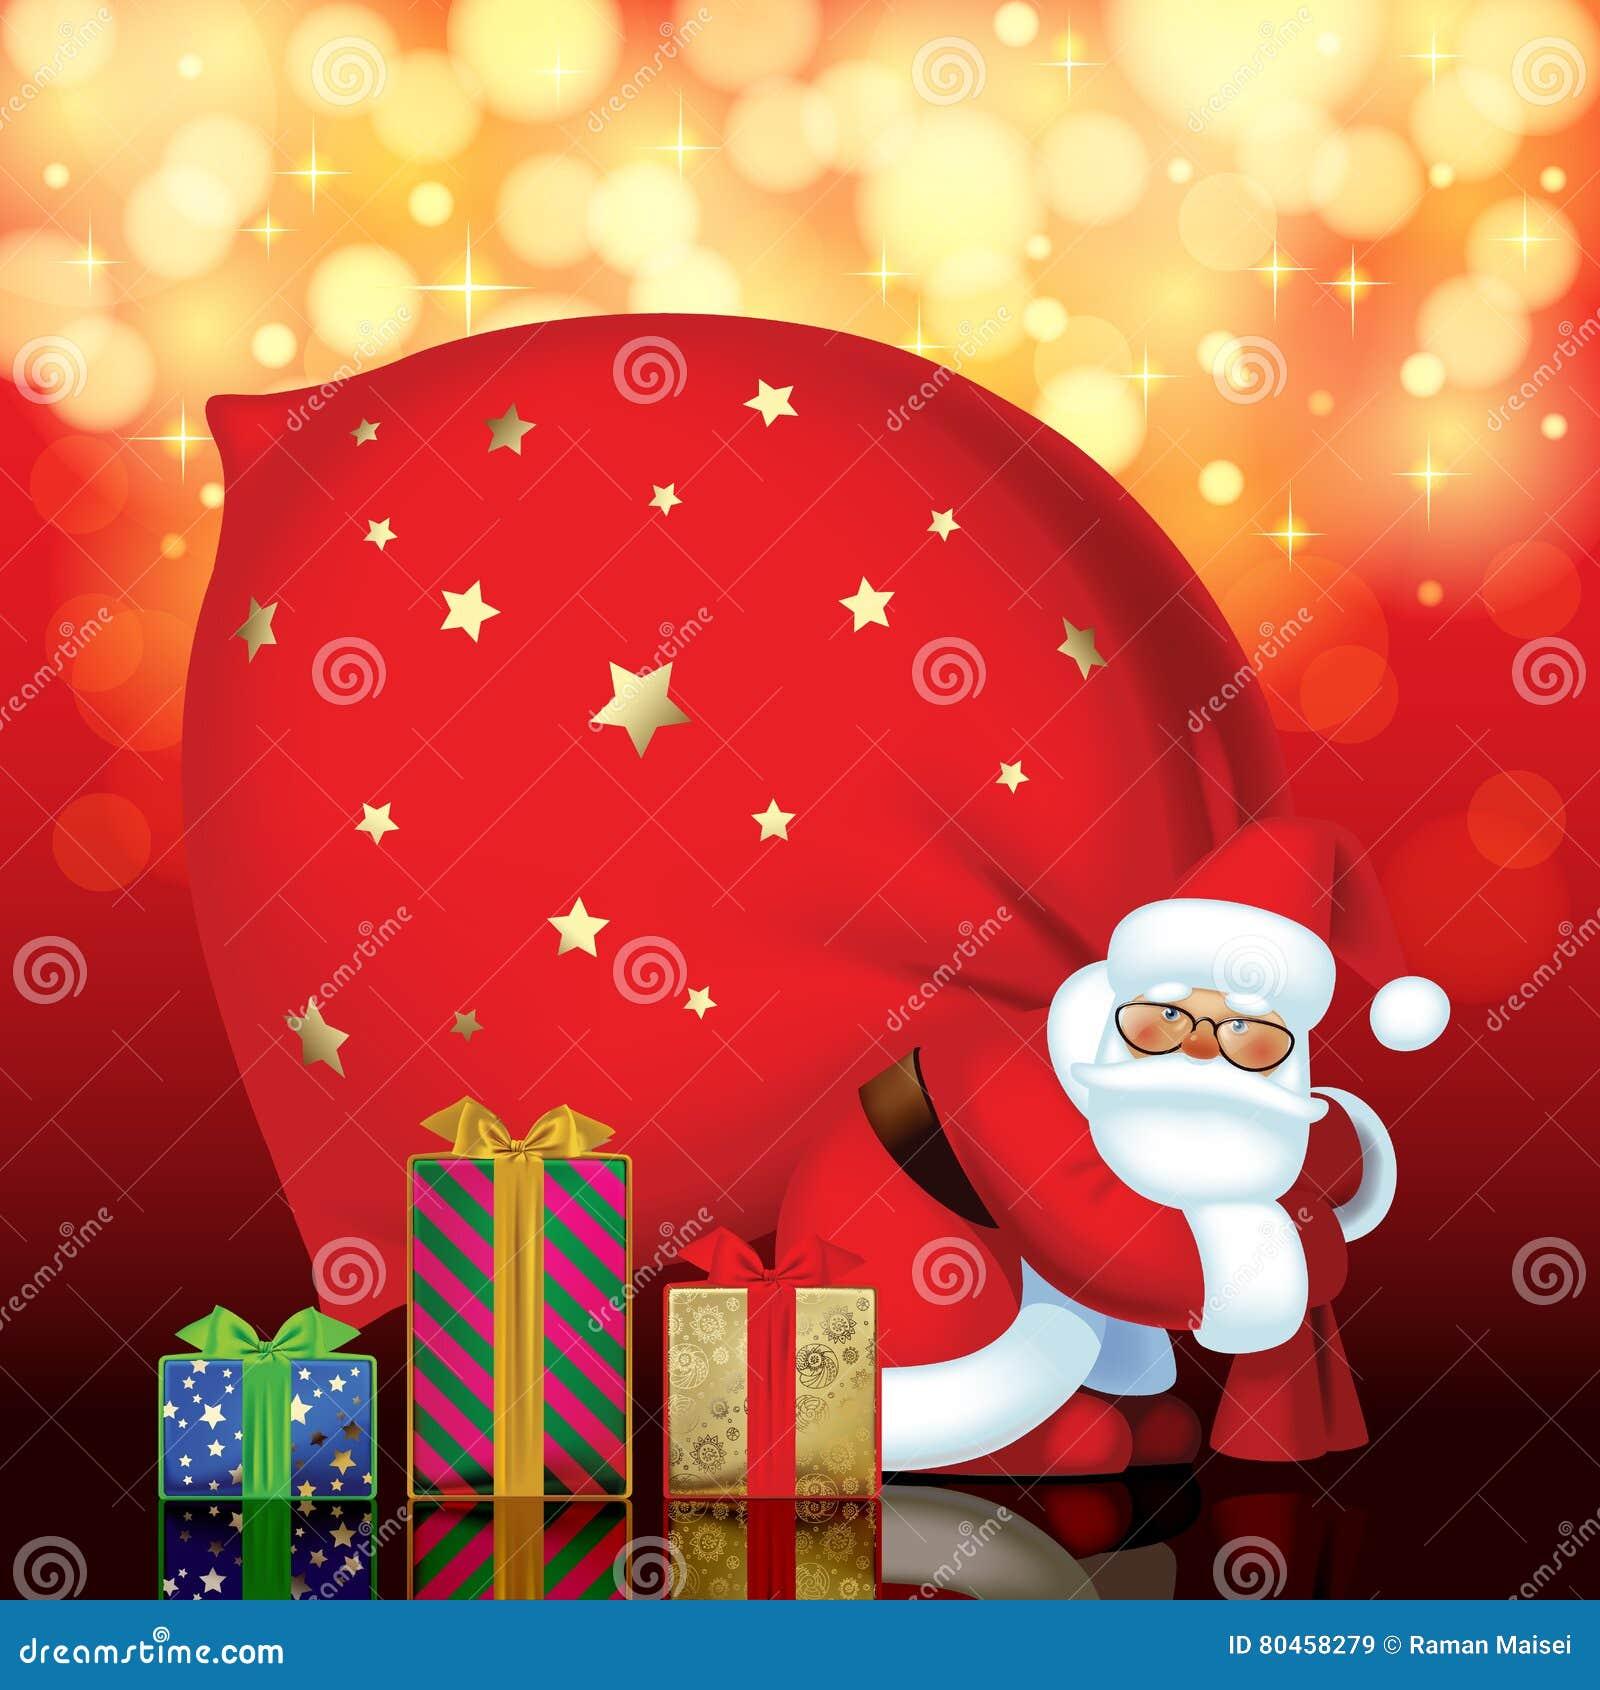 Santa Claus mit rotem Sack und Geschenkboxen verschiedenen Farben und